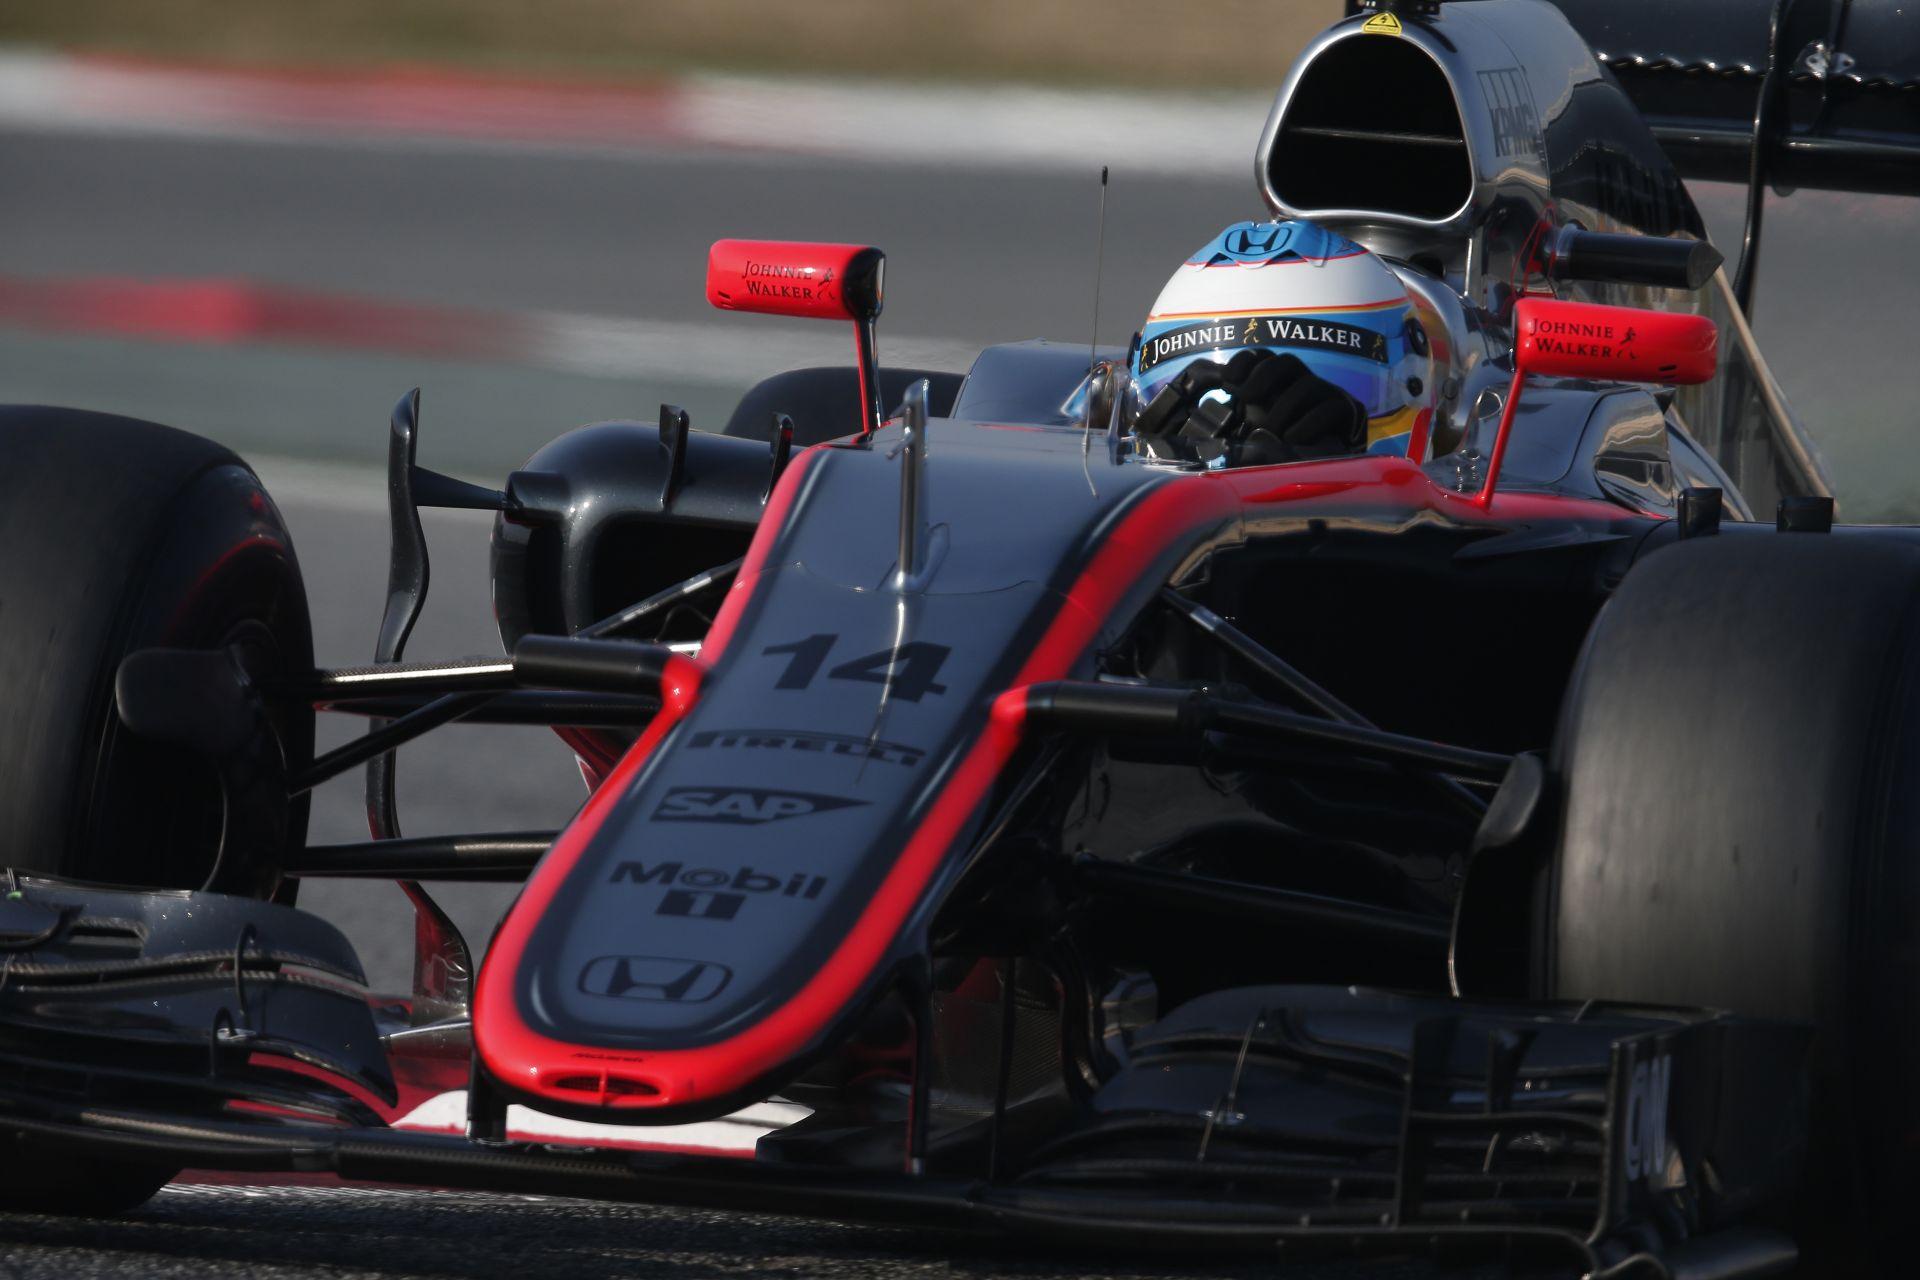 Alonso készen áll az idei első futamára: addig nyomják, amíg nem jönnek az eredmények